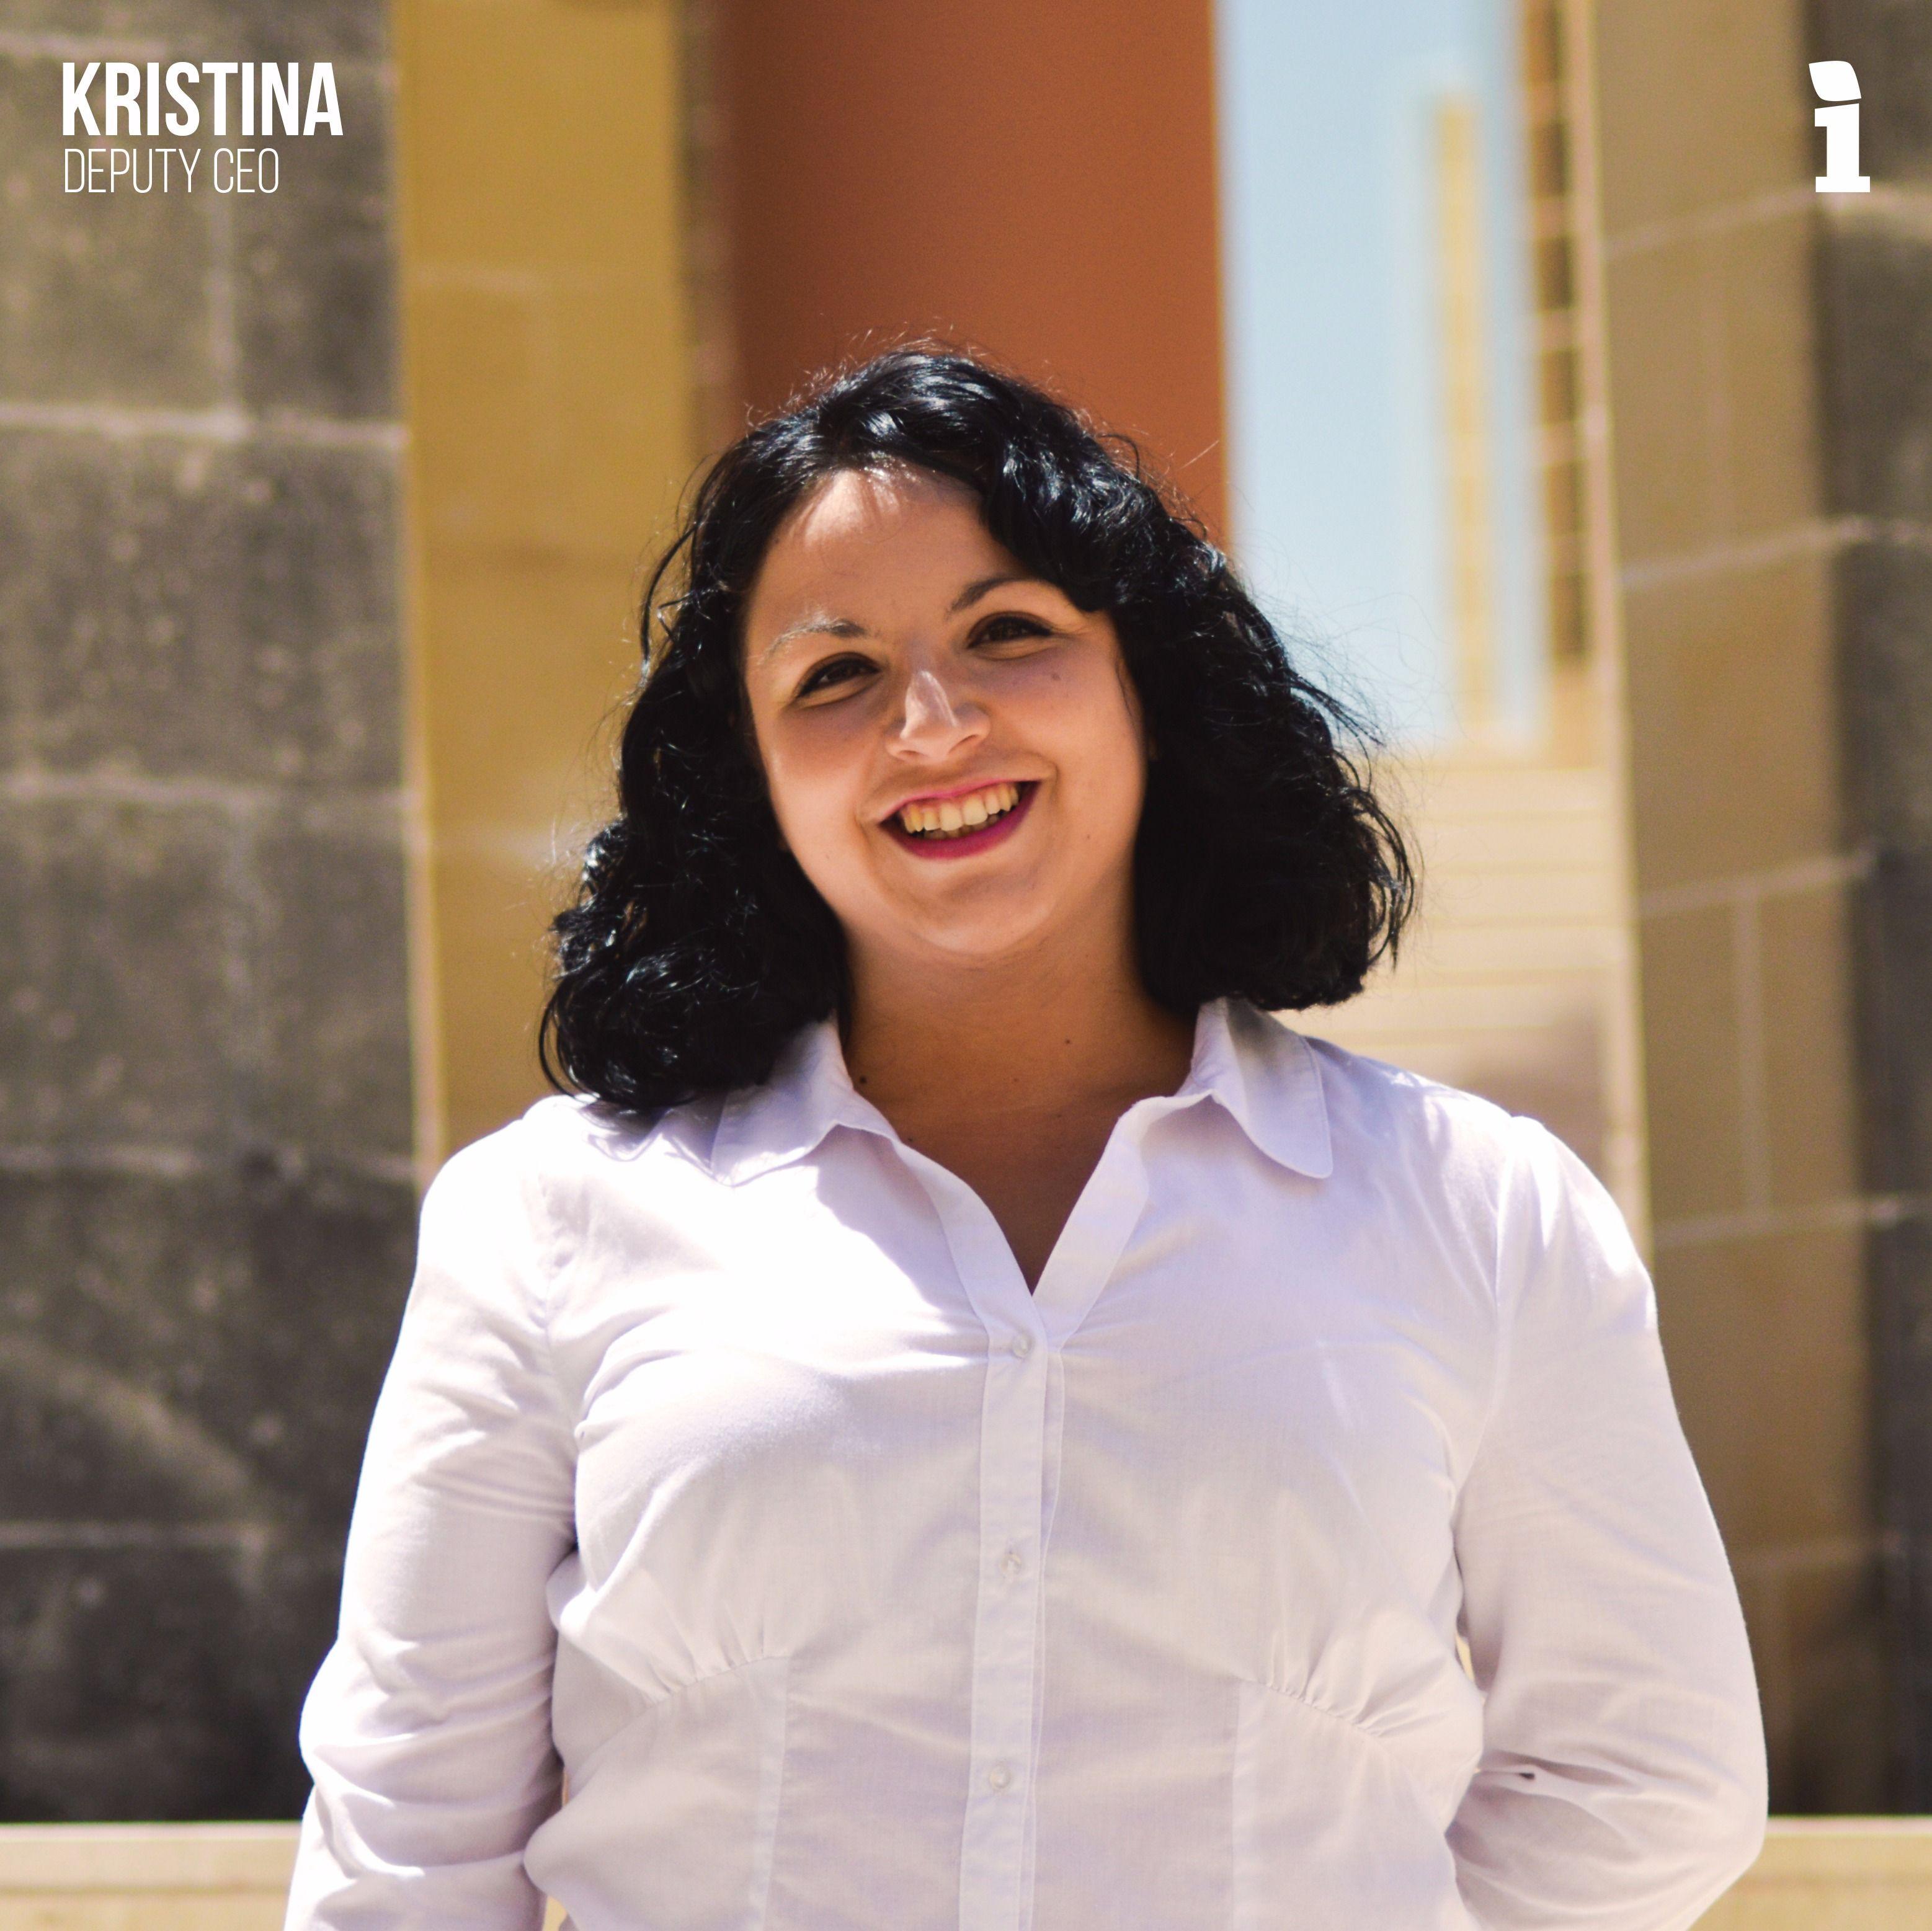 Kristina Saliba